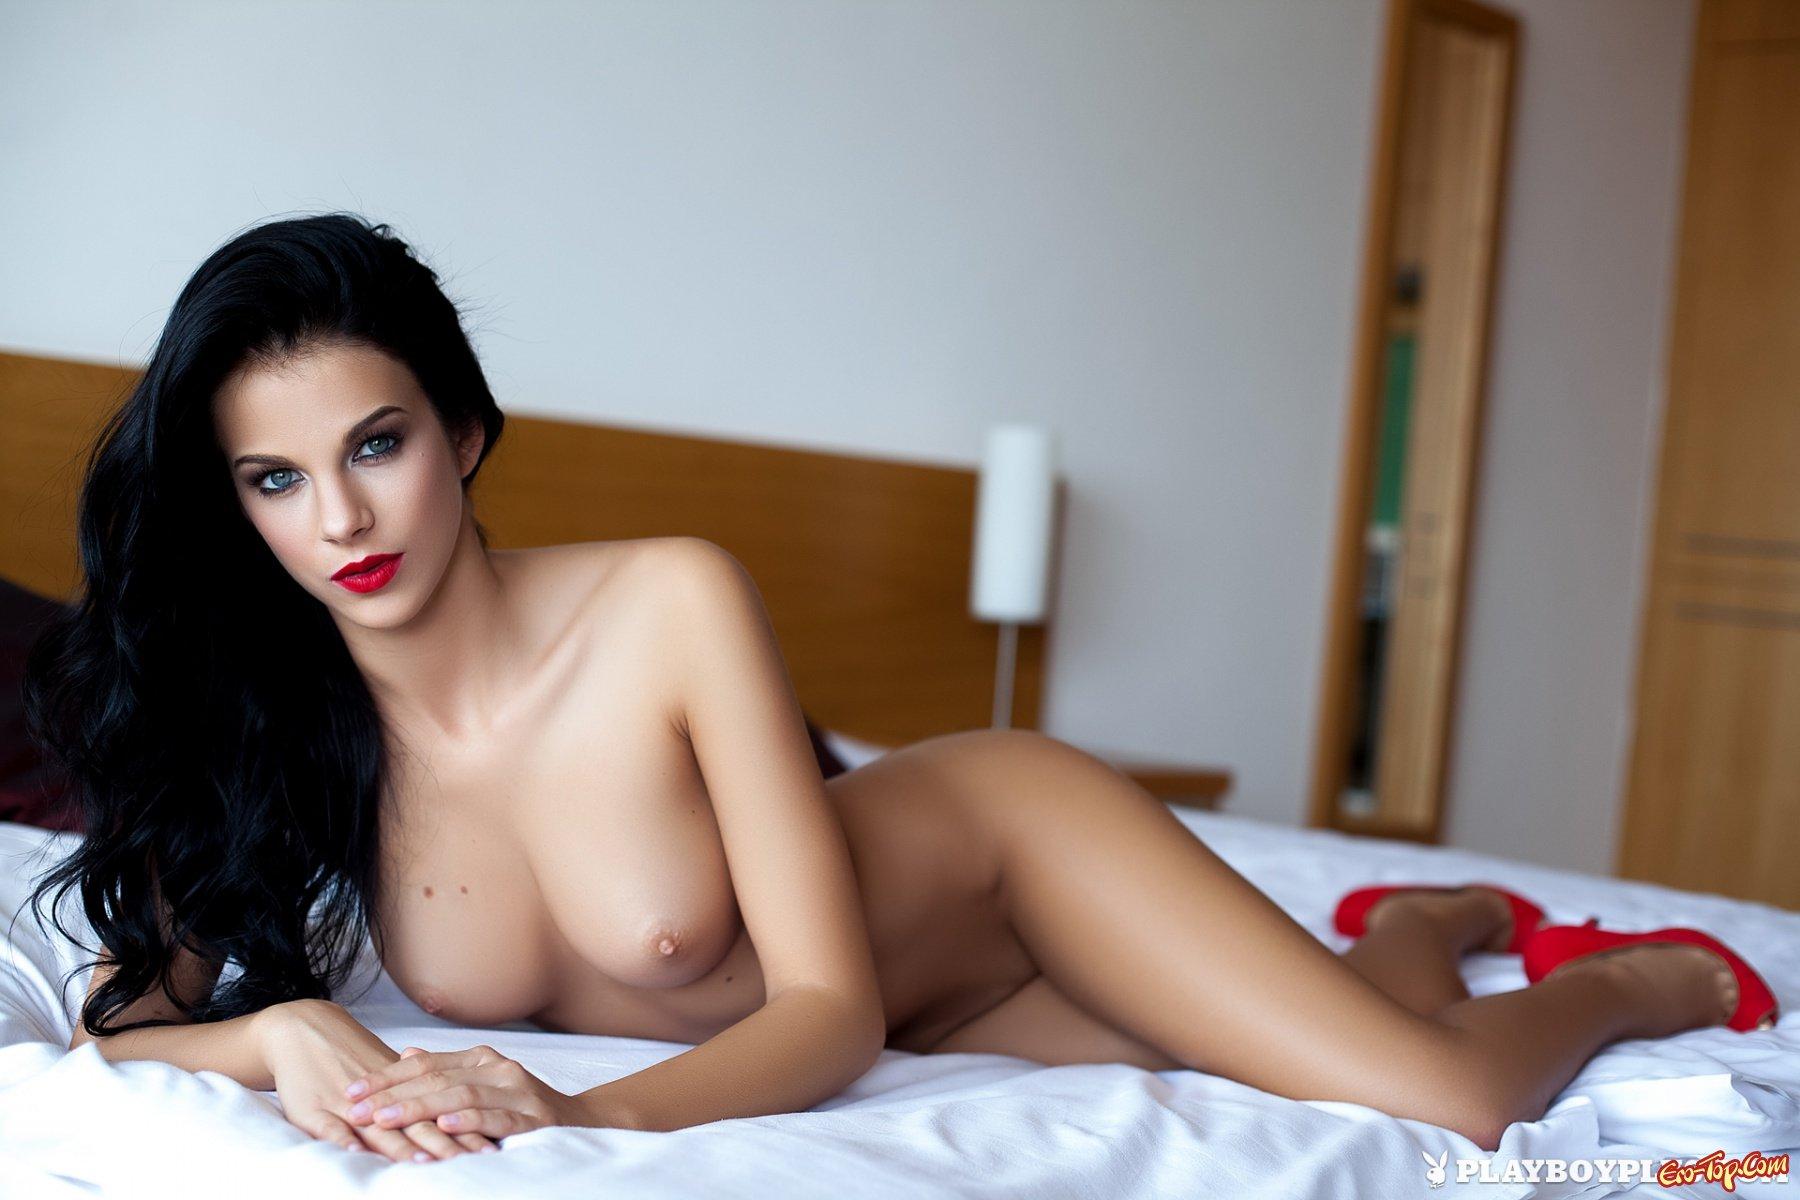 krasivie-devushki-foto-bryunetki-erotika-seks-super-seksualnoy-devushkoy